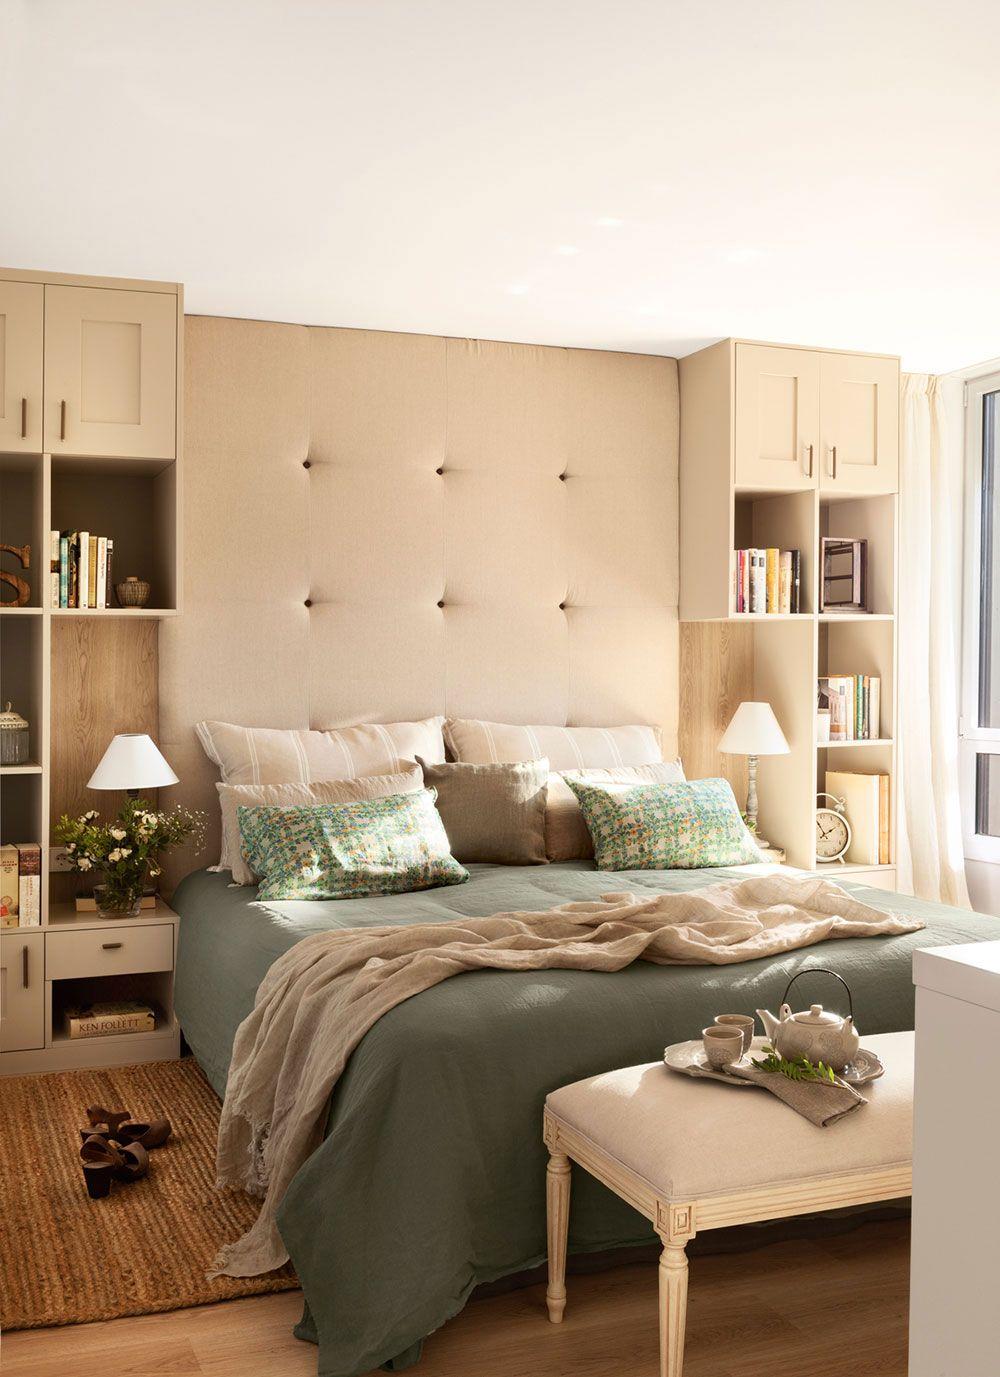 Cabeceira capiton 60 modelos fotos e passo a passo - Bancos para dormitorio matrimonio ...